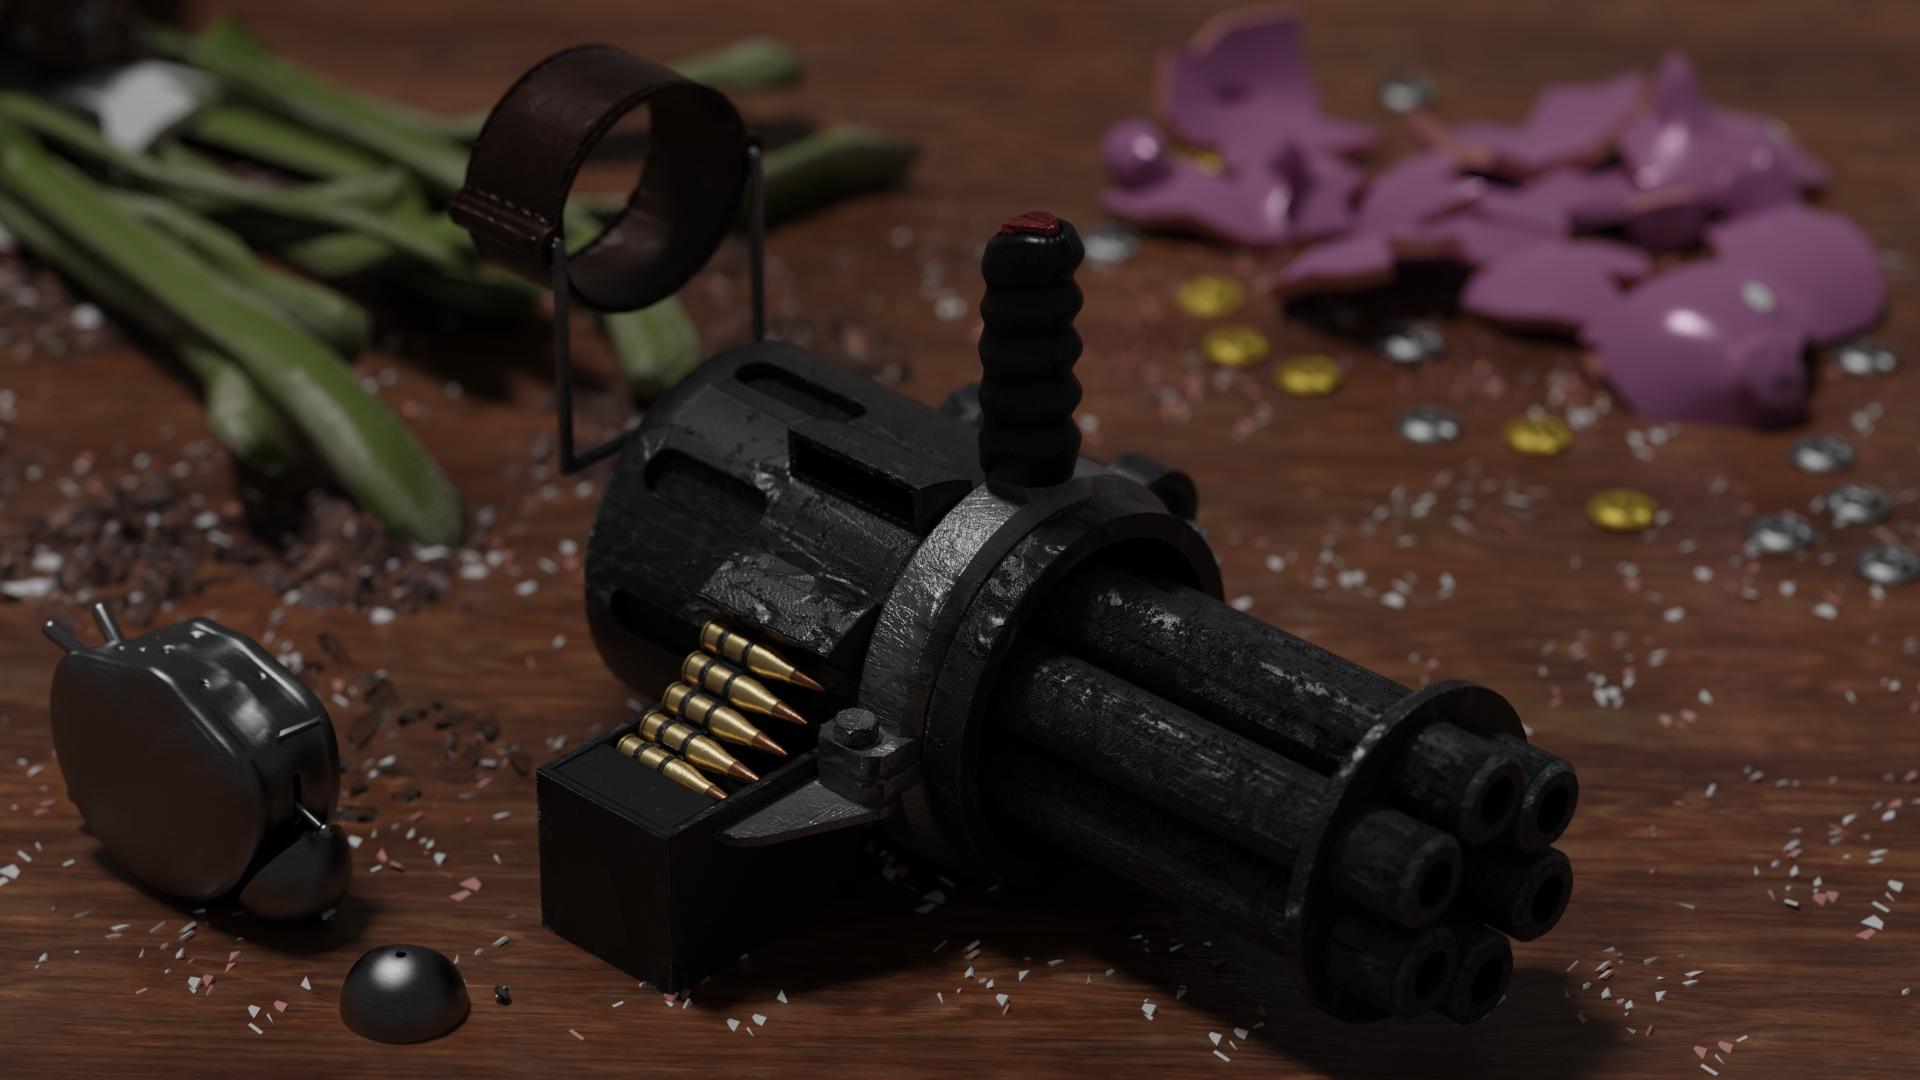 The Minigun